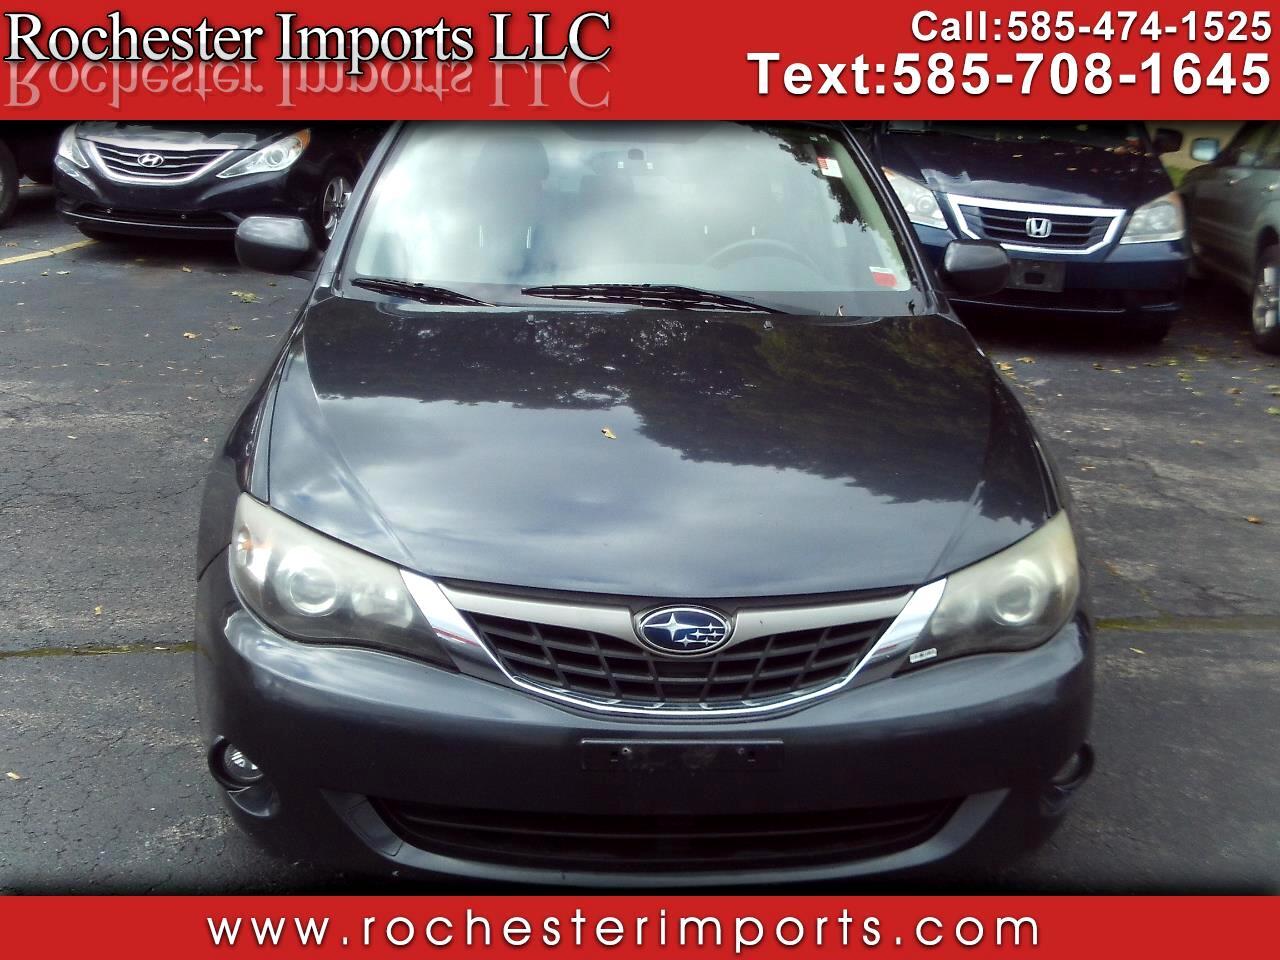 Subaru Impreza Sedan 4dr Auto i w/Premium Pkg 2009